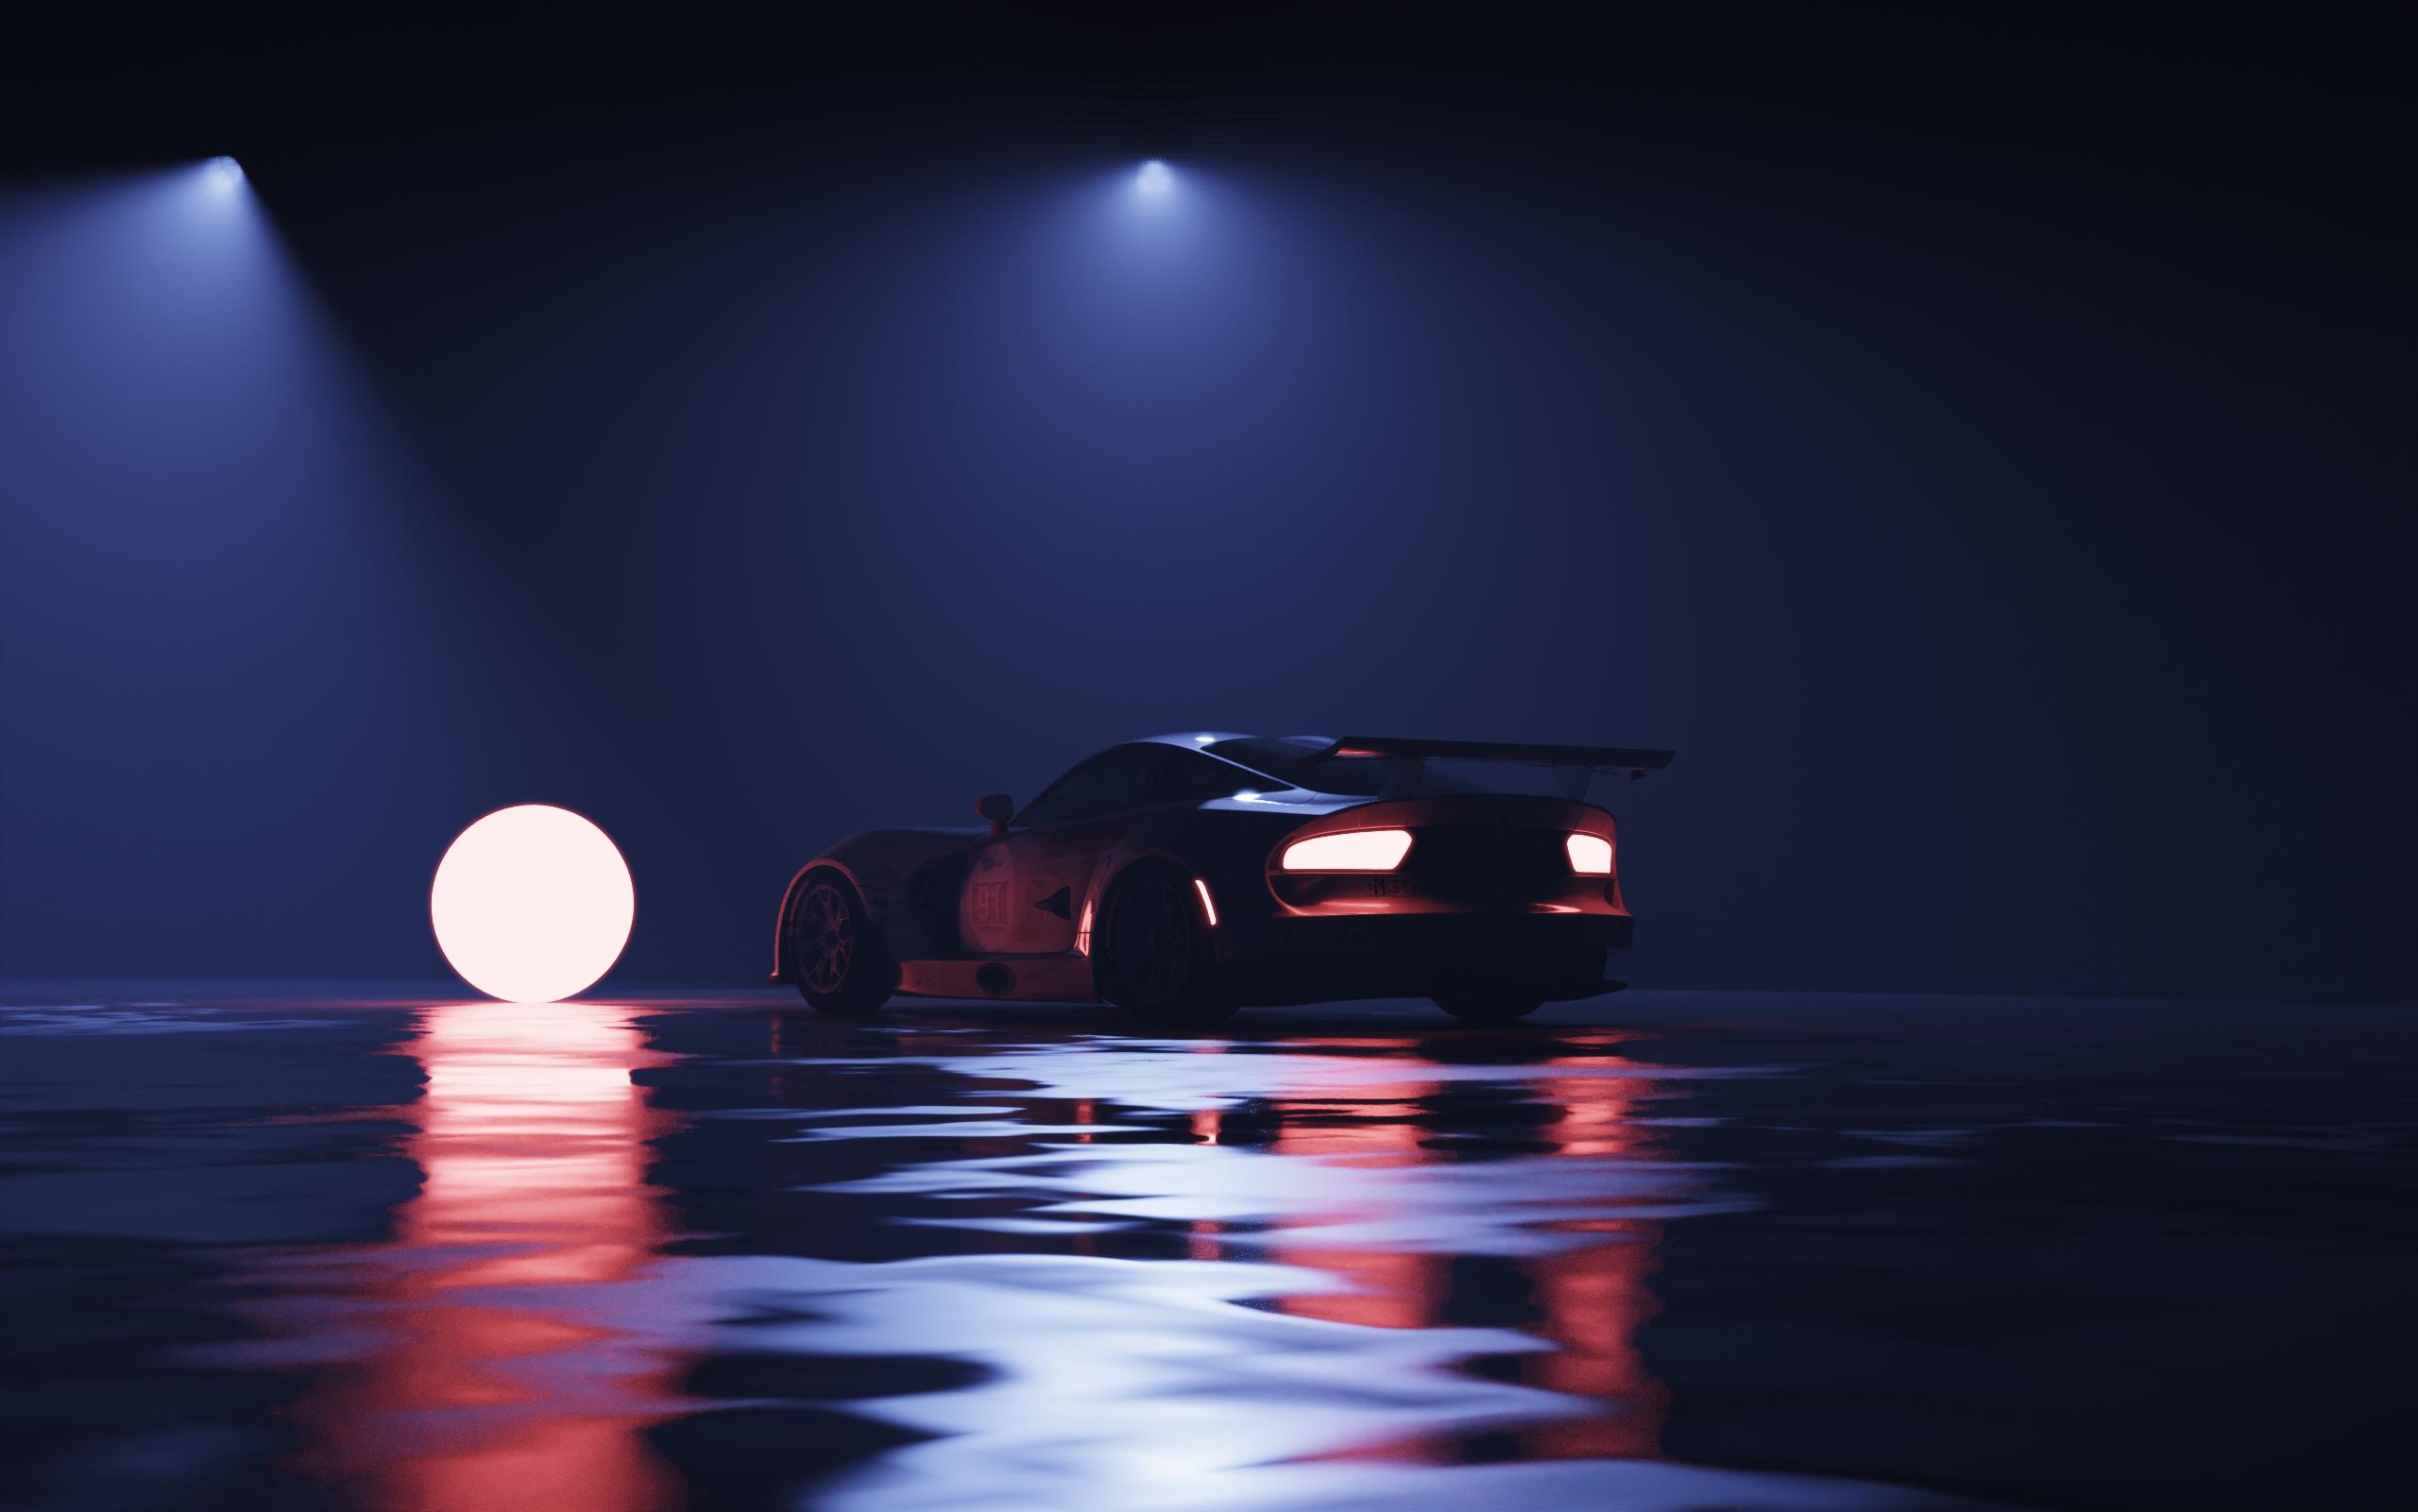 夜间雾光渲染